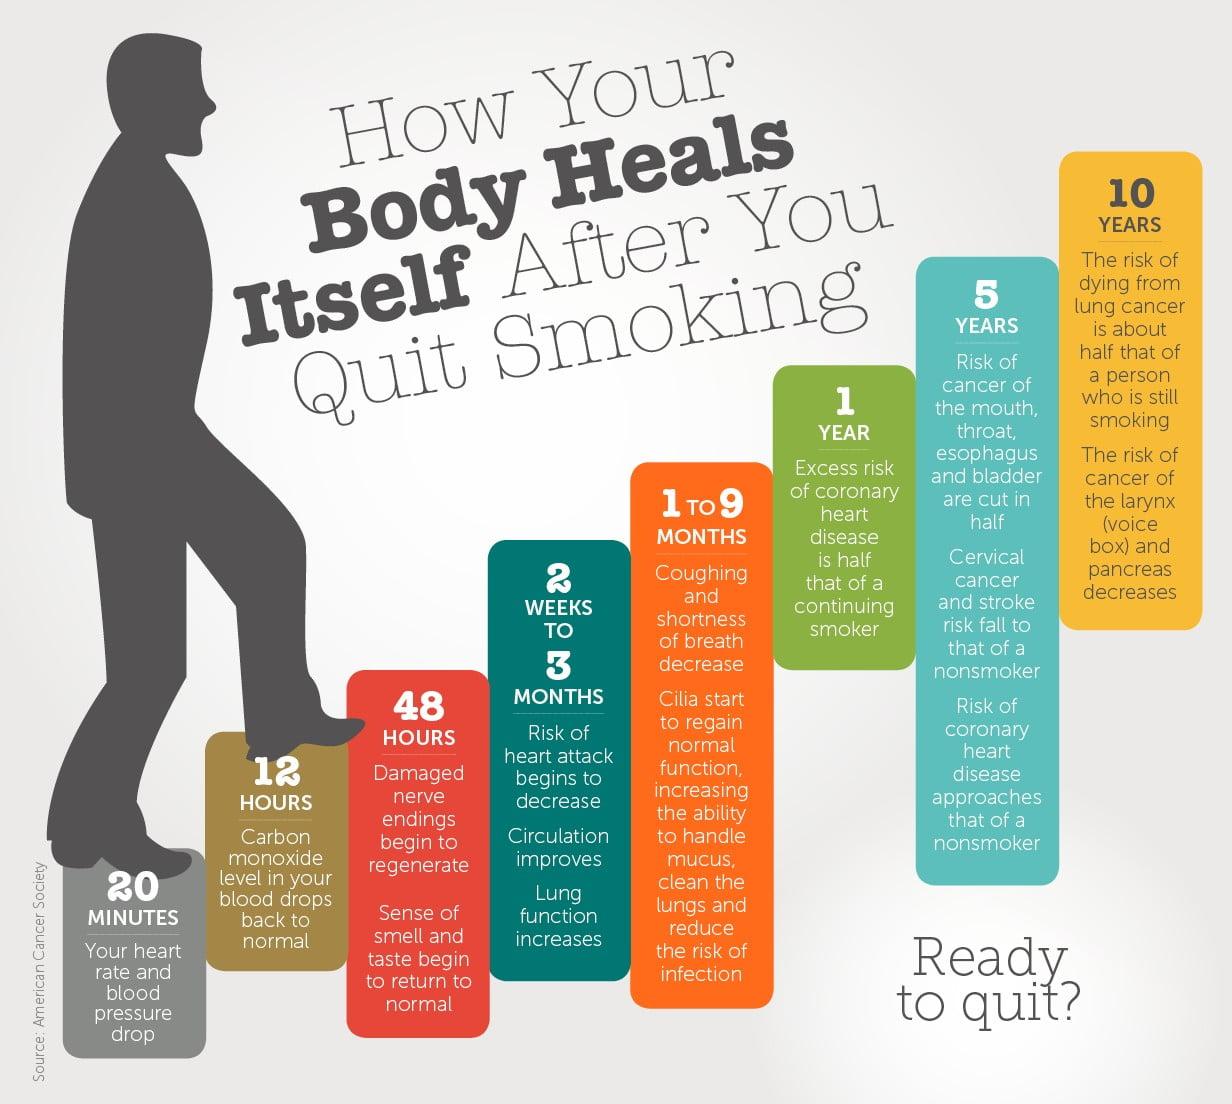 quit smoking changes